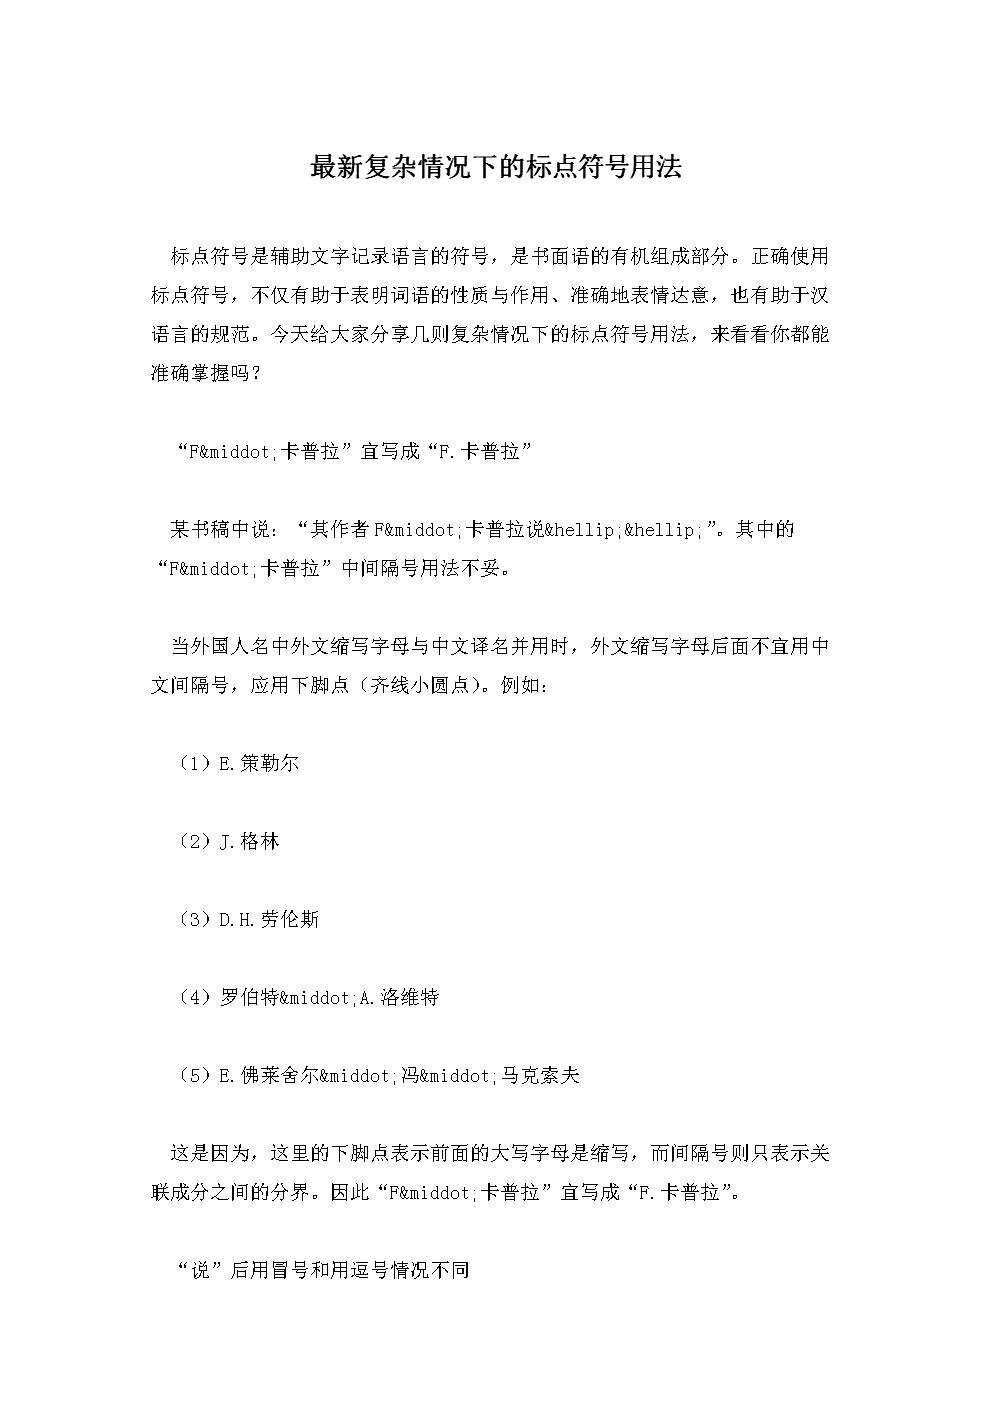 复杂情况下的标点符号用法.doc